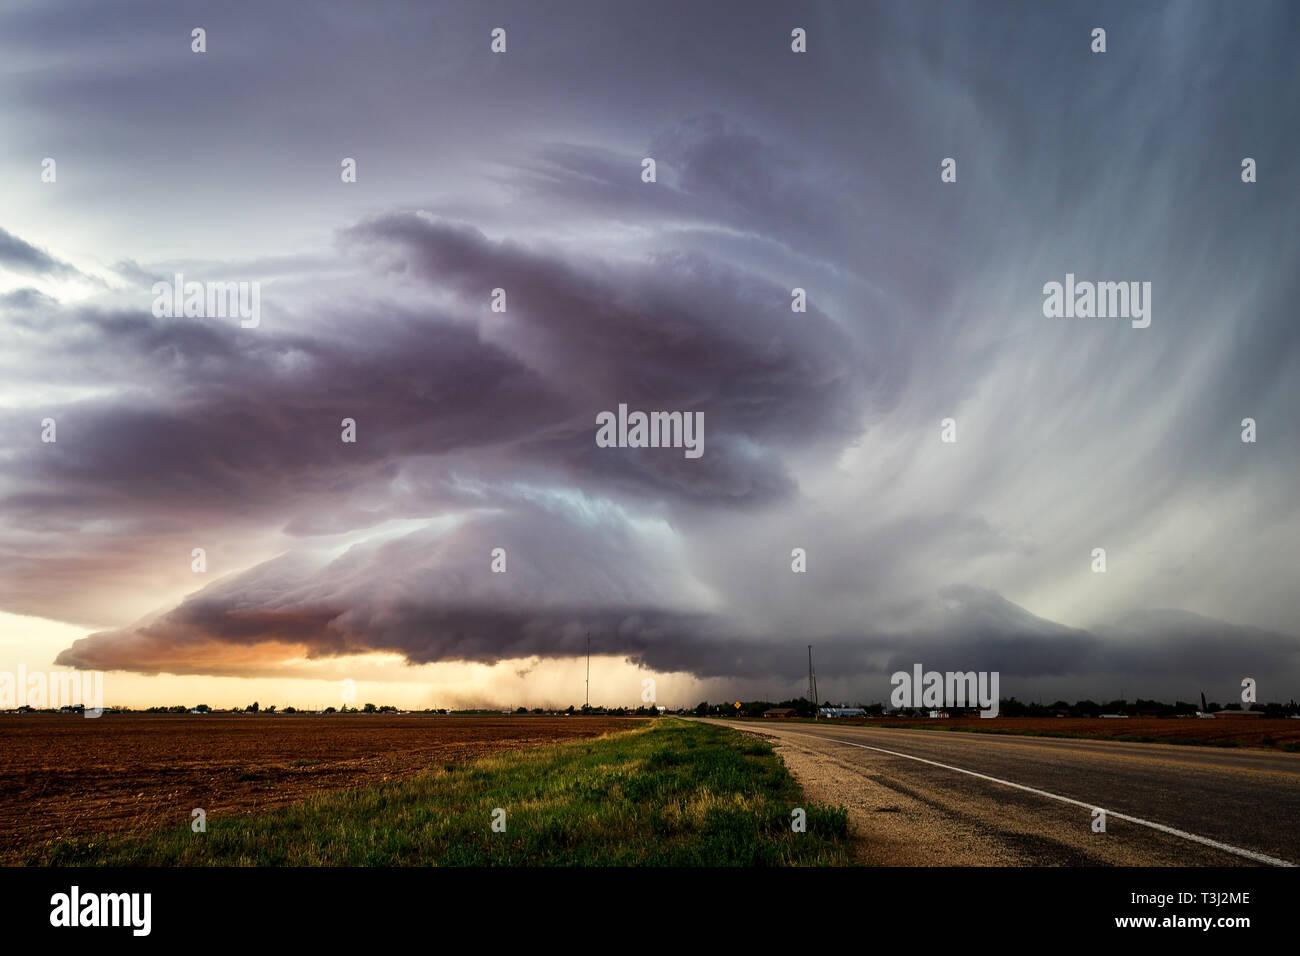 Orages supercellulaires près de Lamesa, Texas. Banque D'Images